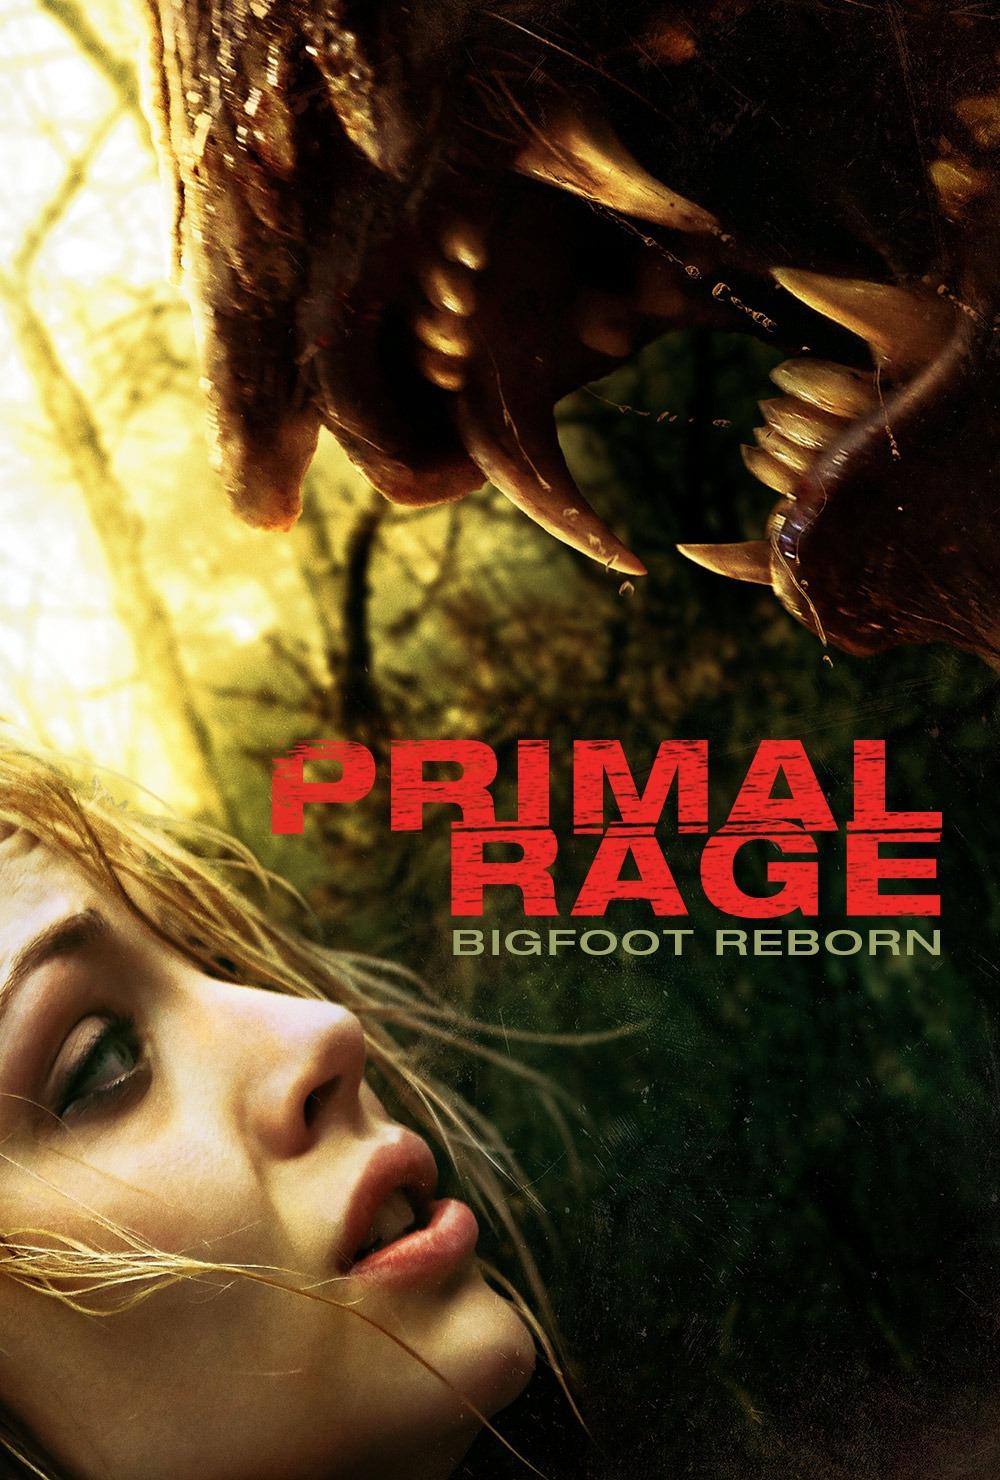 PRIMAL RAGE – Bigfoot Reborn